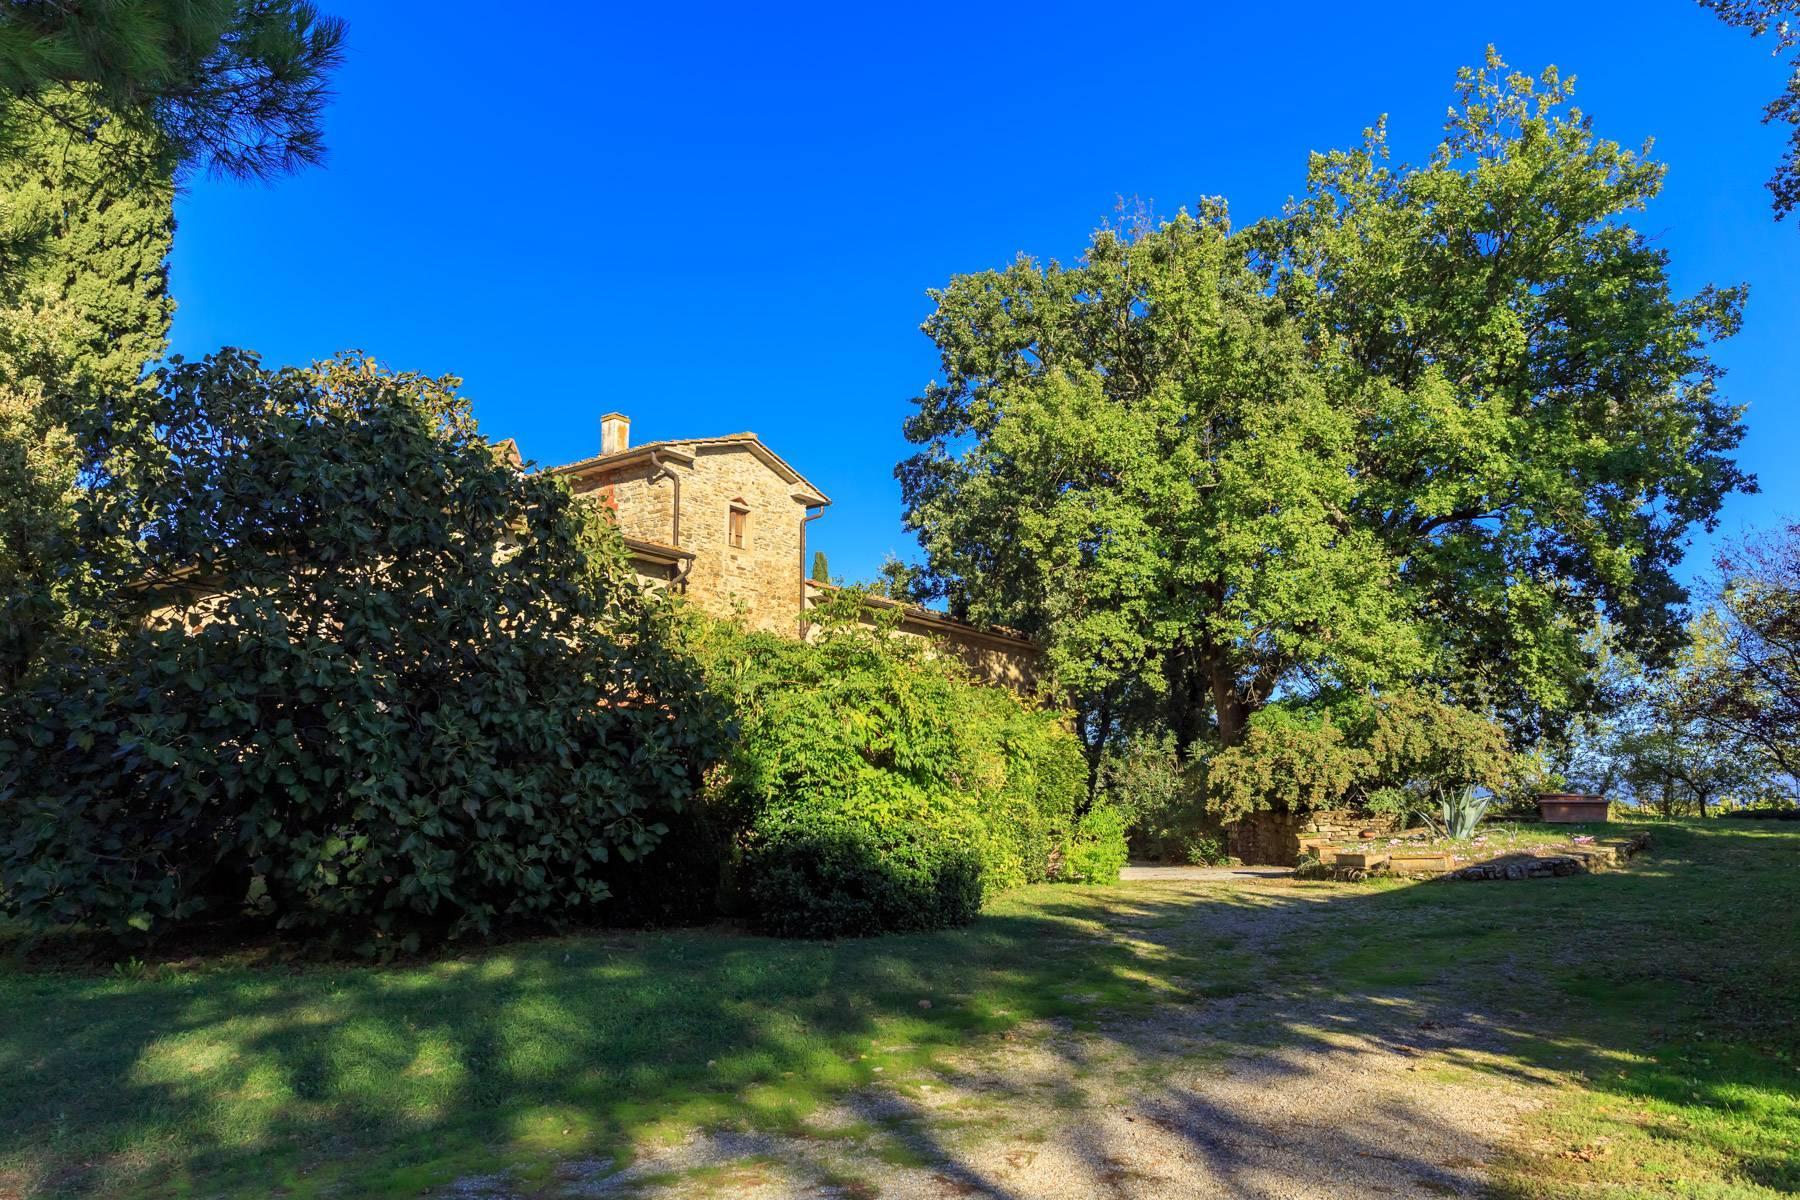 Villa historique dans la campagne toscane - 3